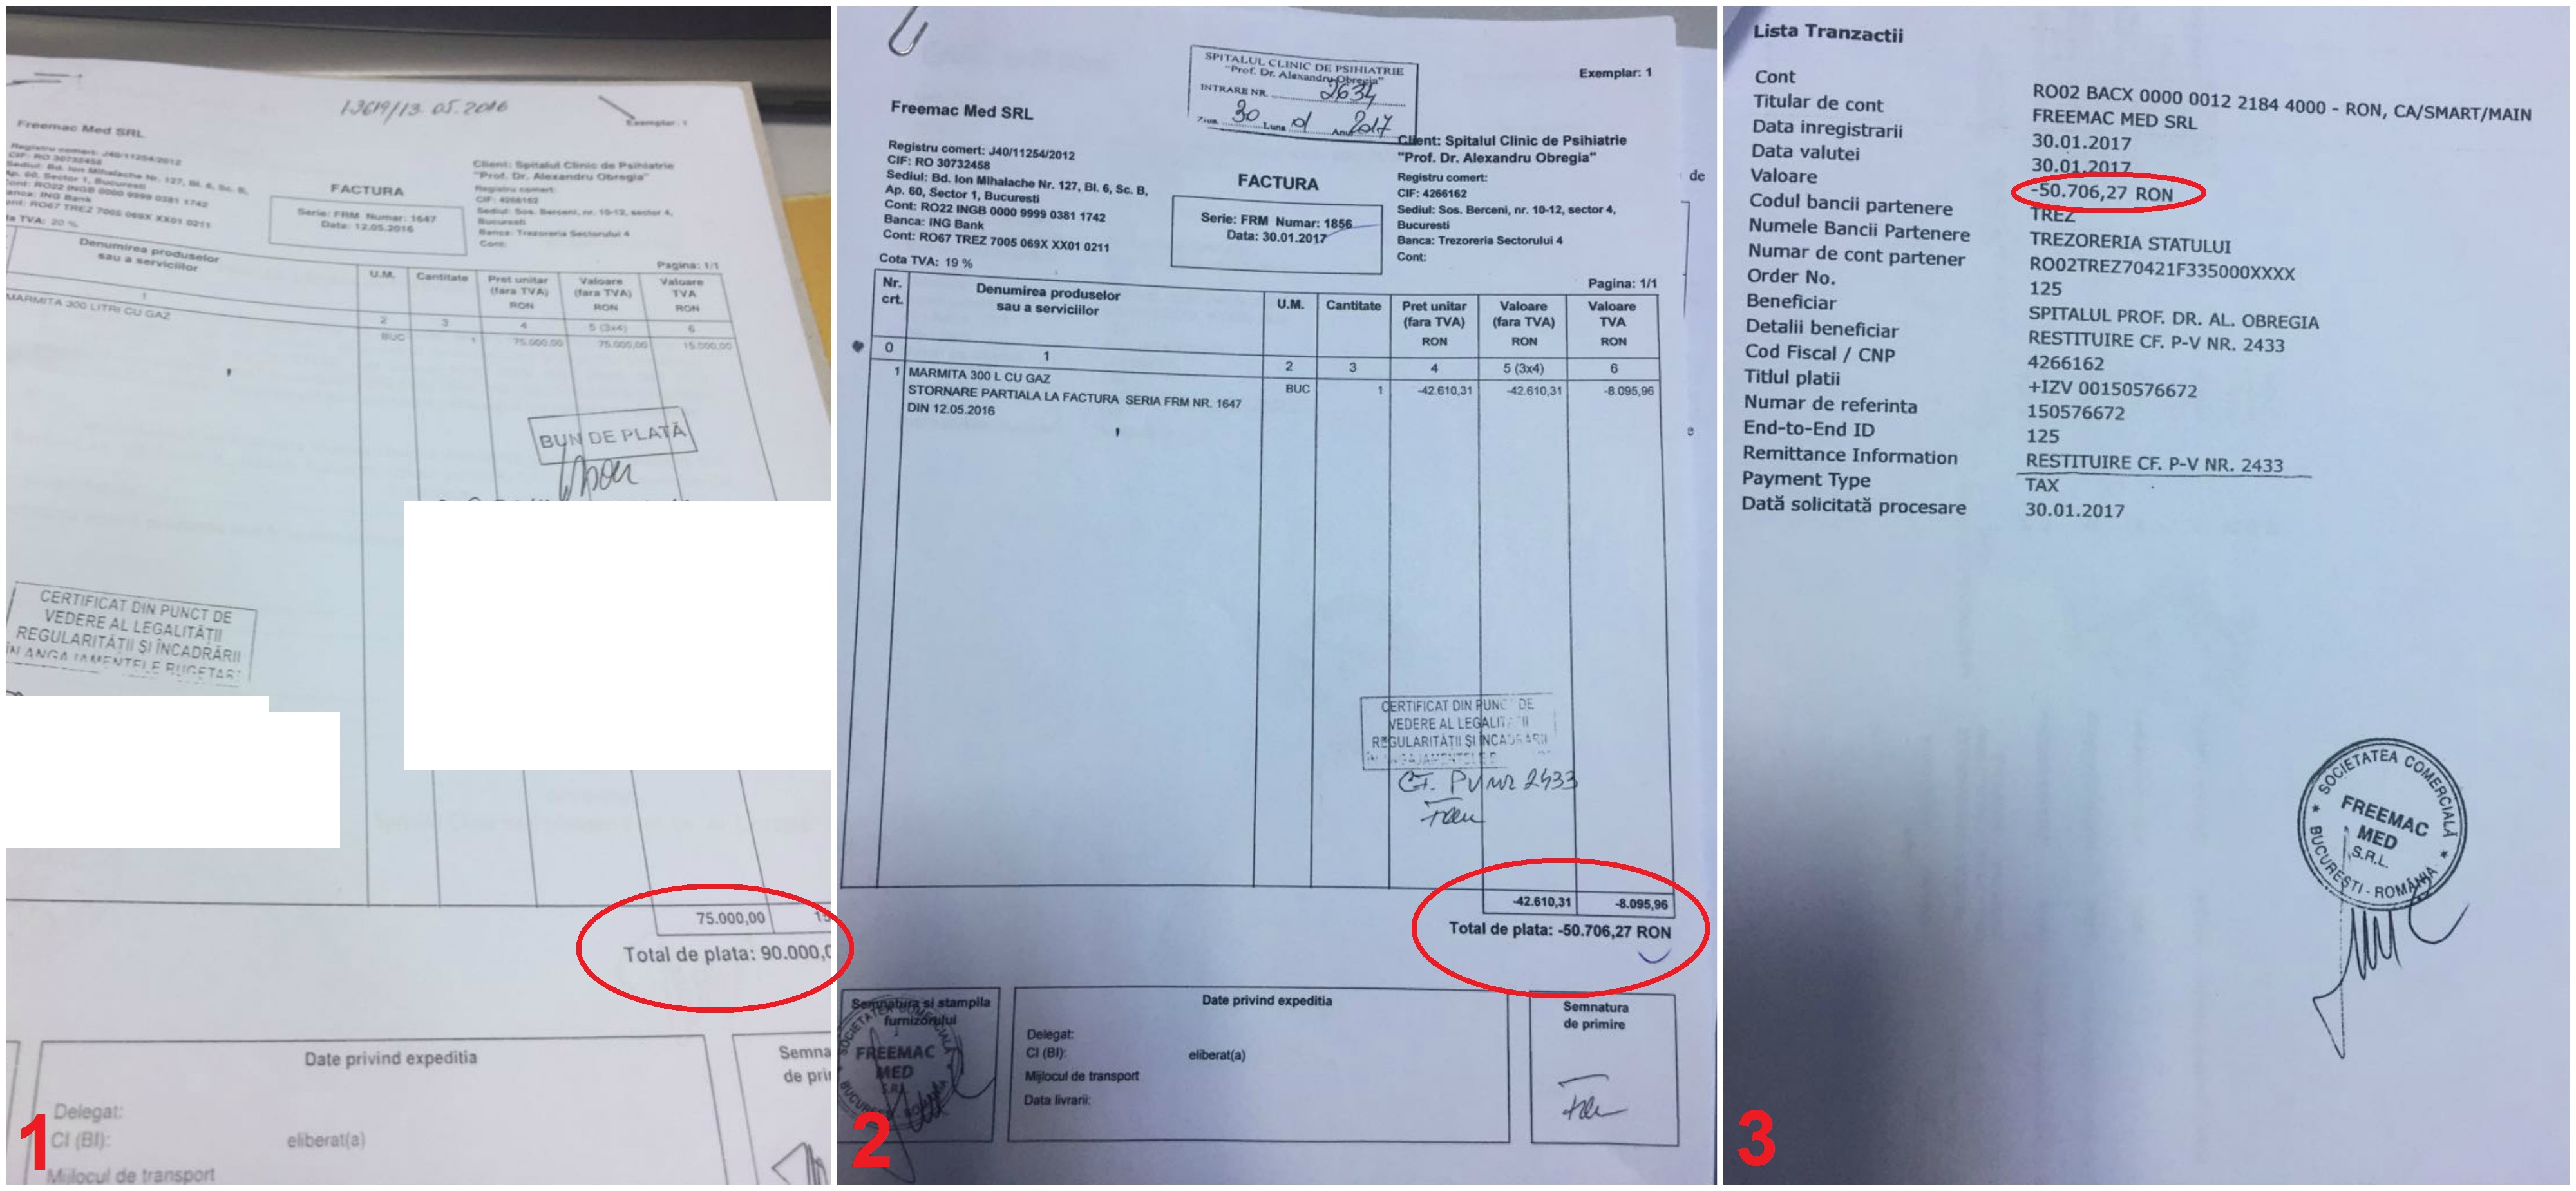 Cazul marmita: factura de cumpărare cu 90.000 de lei de la Freemac în 2016 (1), stornarea în valoare de 50.706 lei din ianuarie (2) și dovada plății din partea firmei Freemac (3).